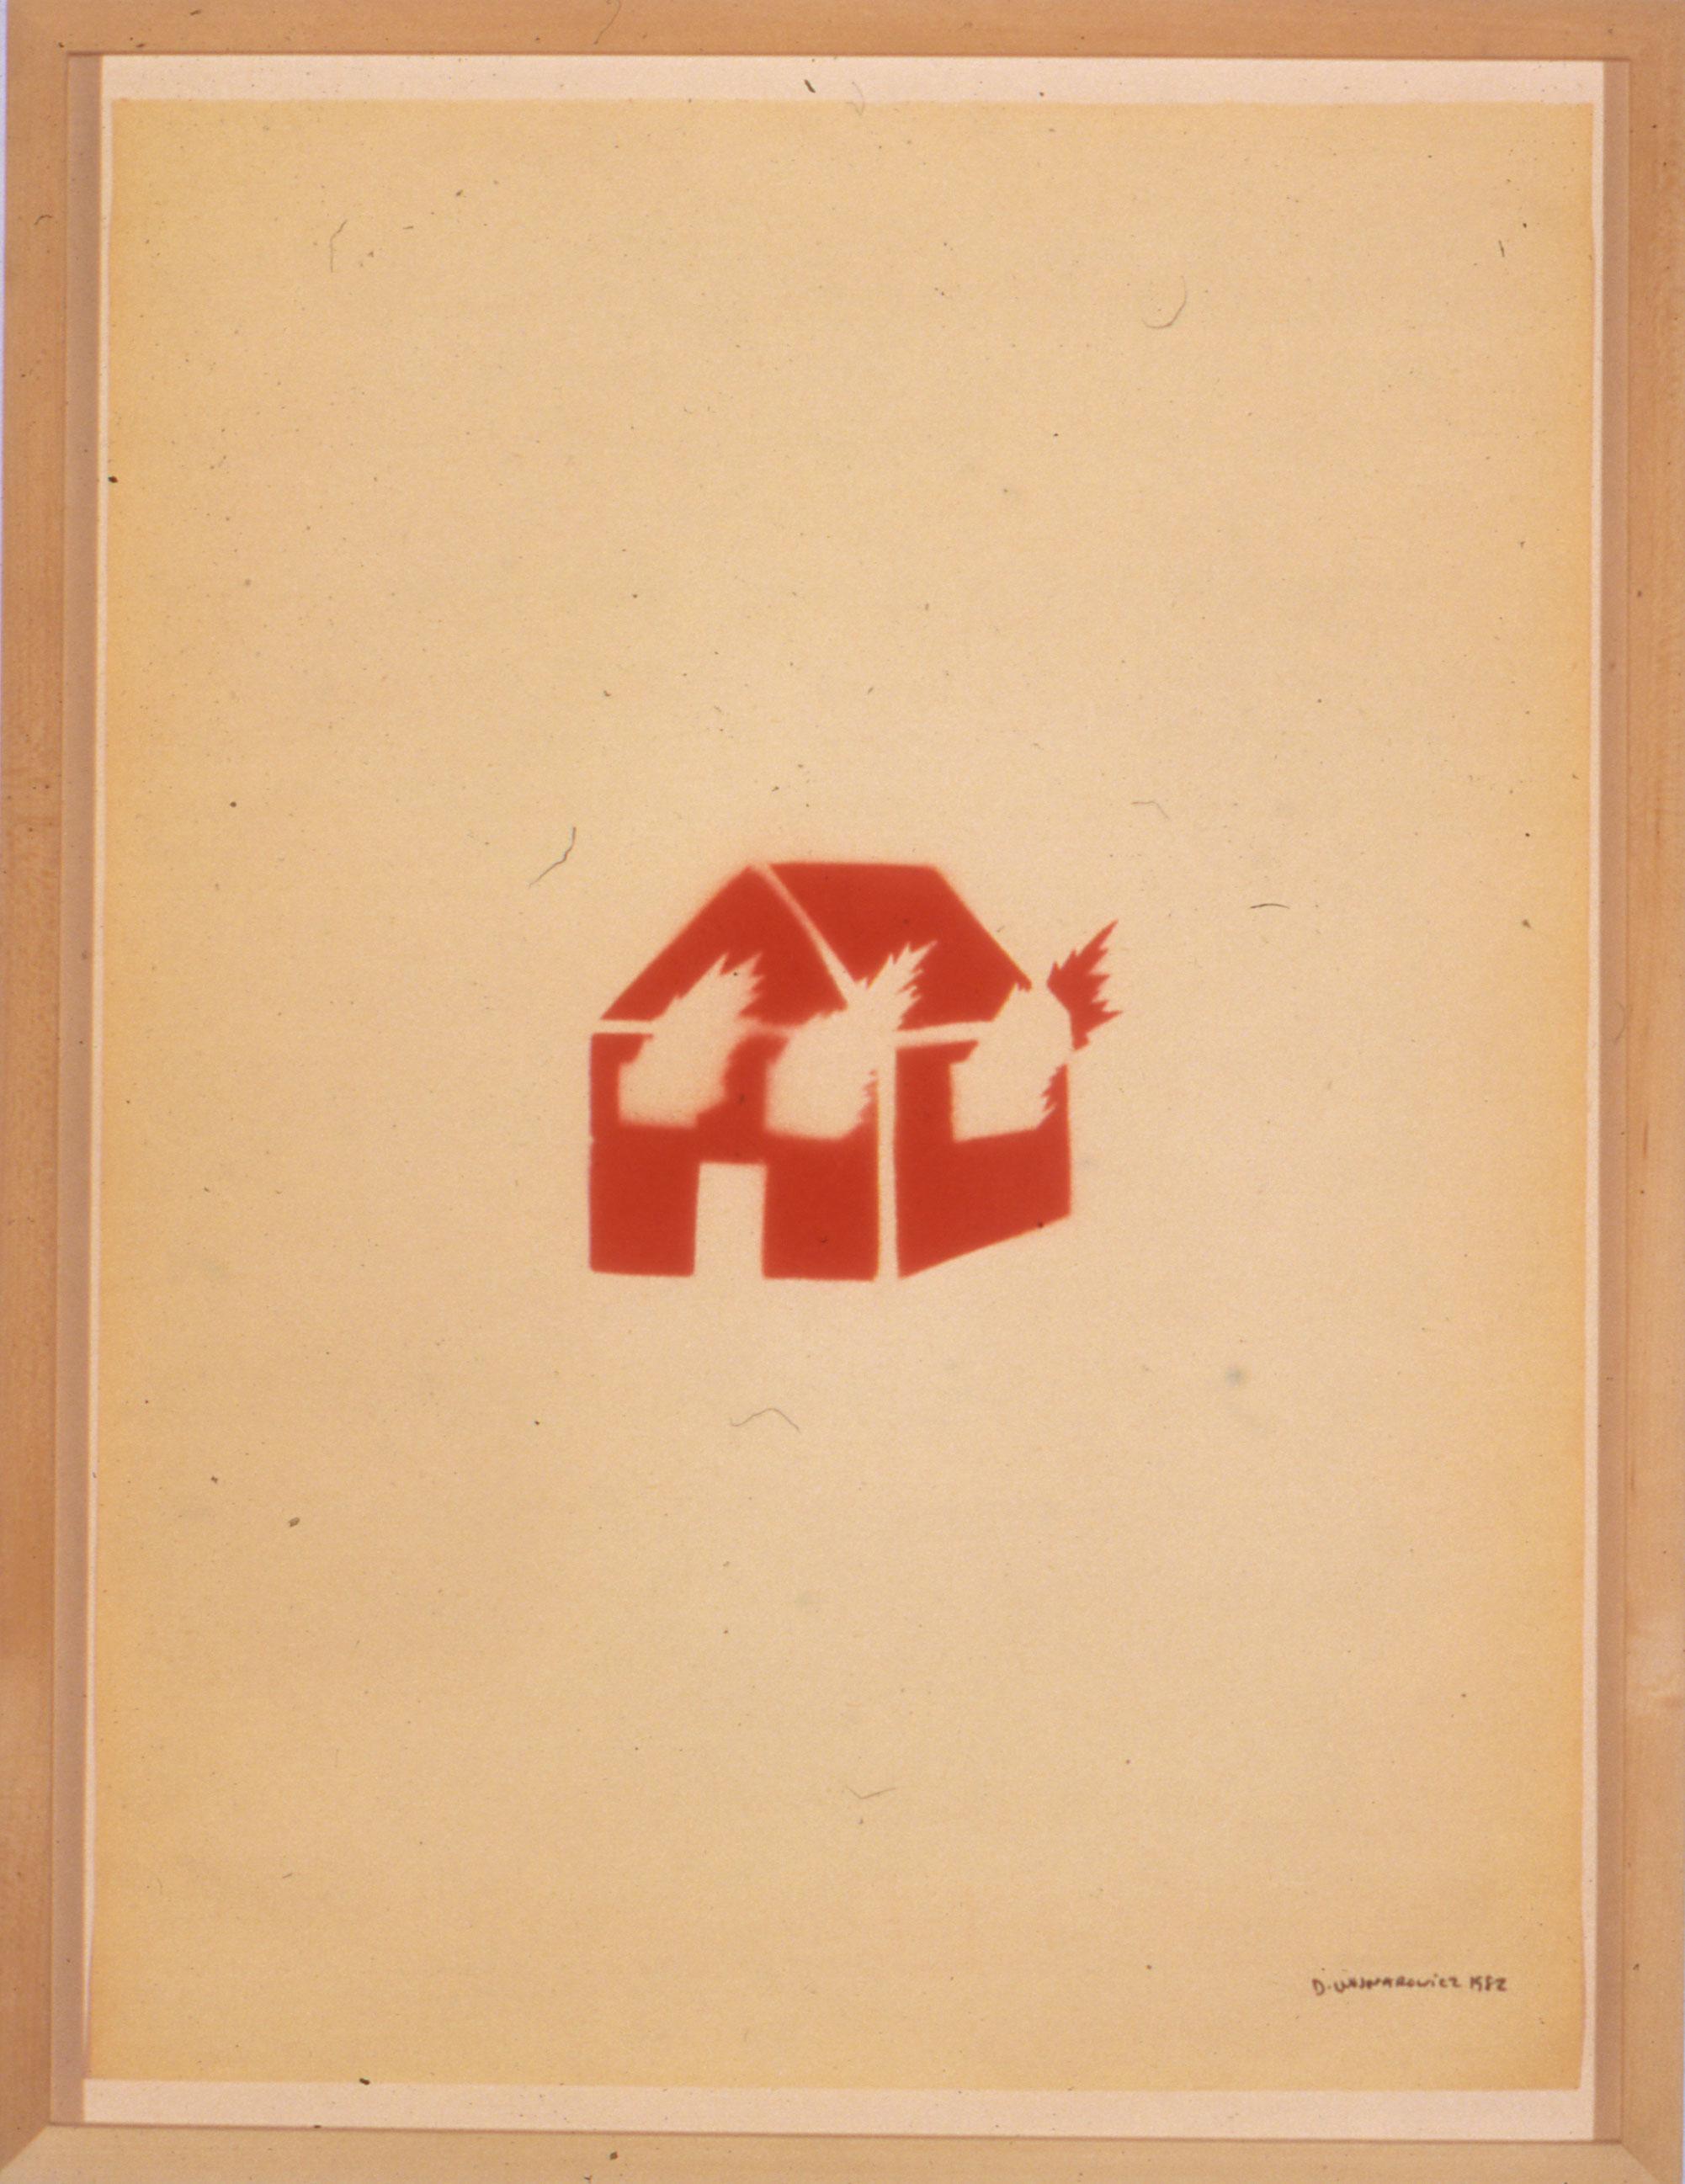 David Wojnarowicz Untitled (Burning House), 1982 © Estate of David Wojnarowicz. Courtesy of the Estate and P.P.O.W